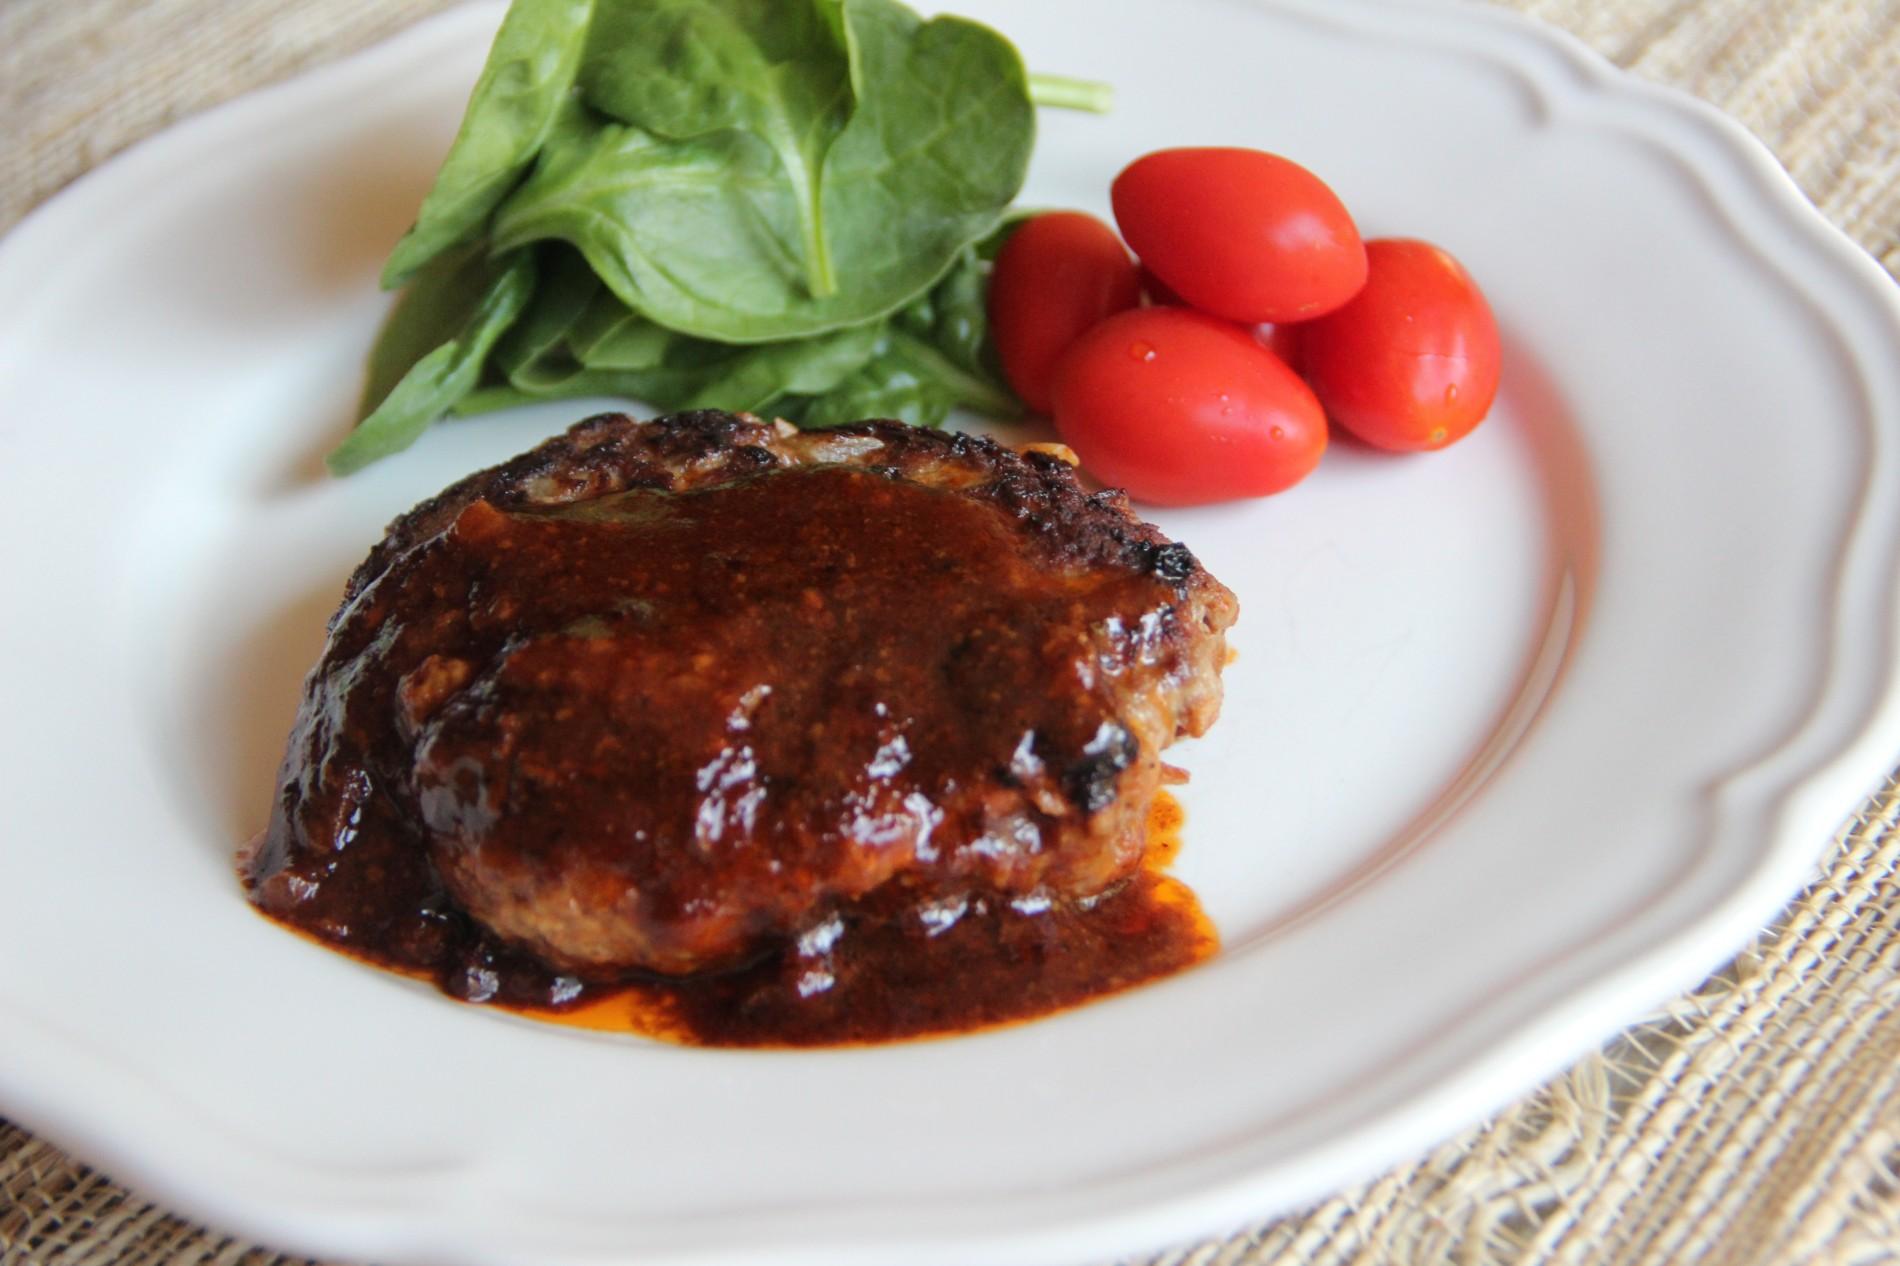 Hamburger steak recipe japanese cooking 101 hamburger steak forumfinder Gallery